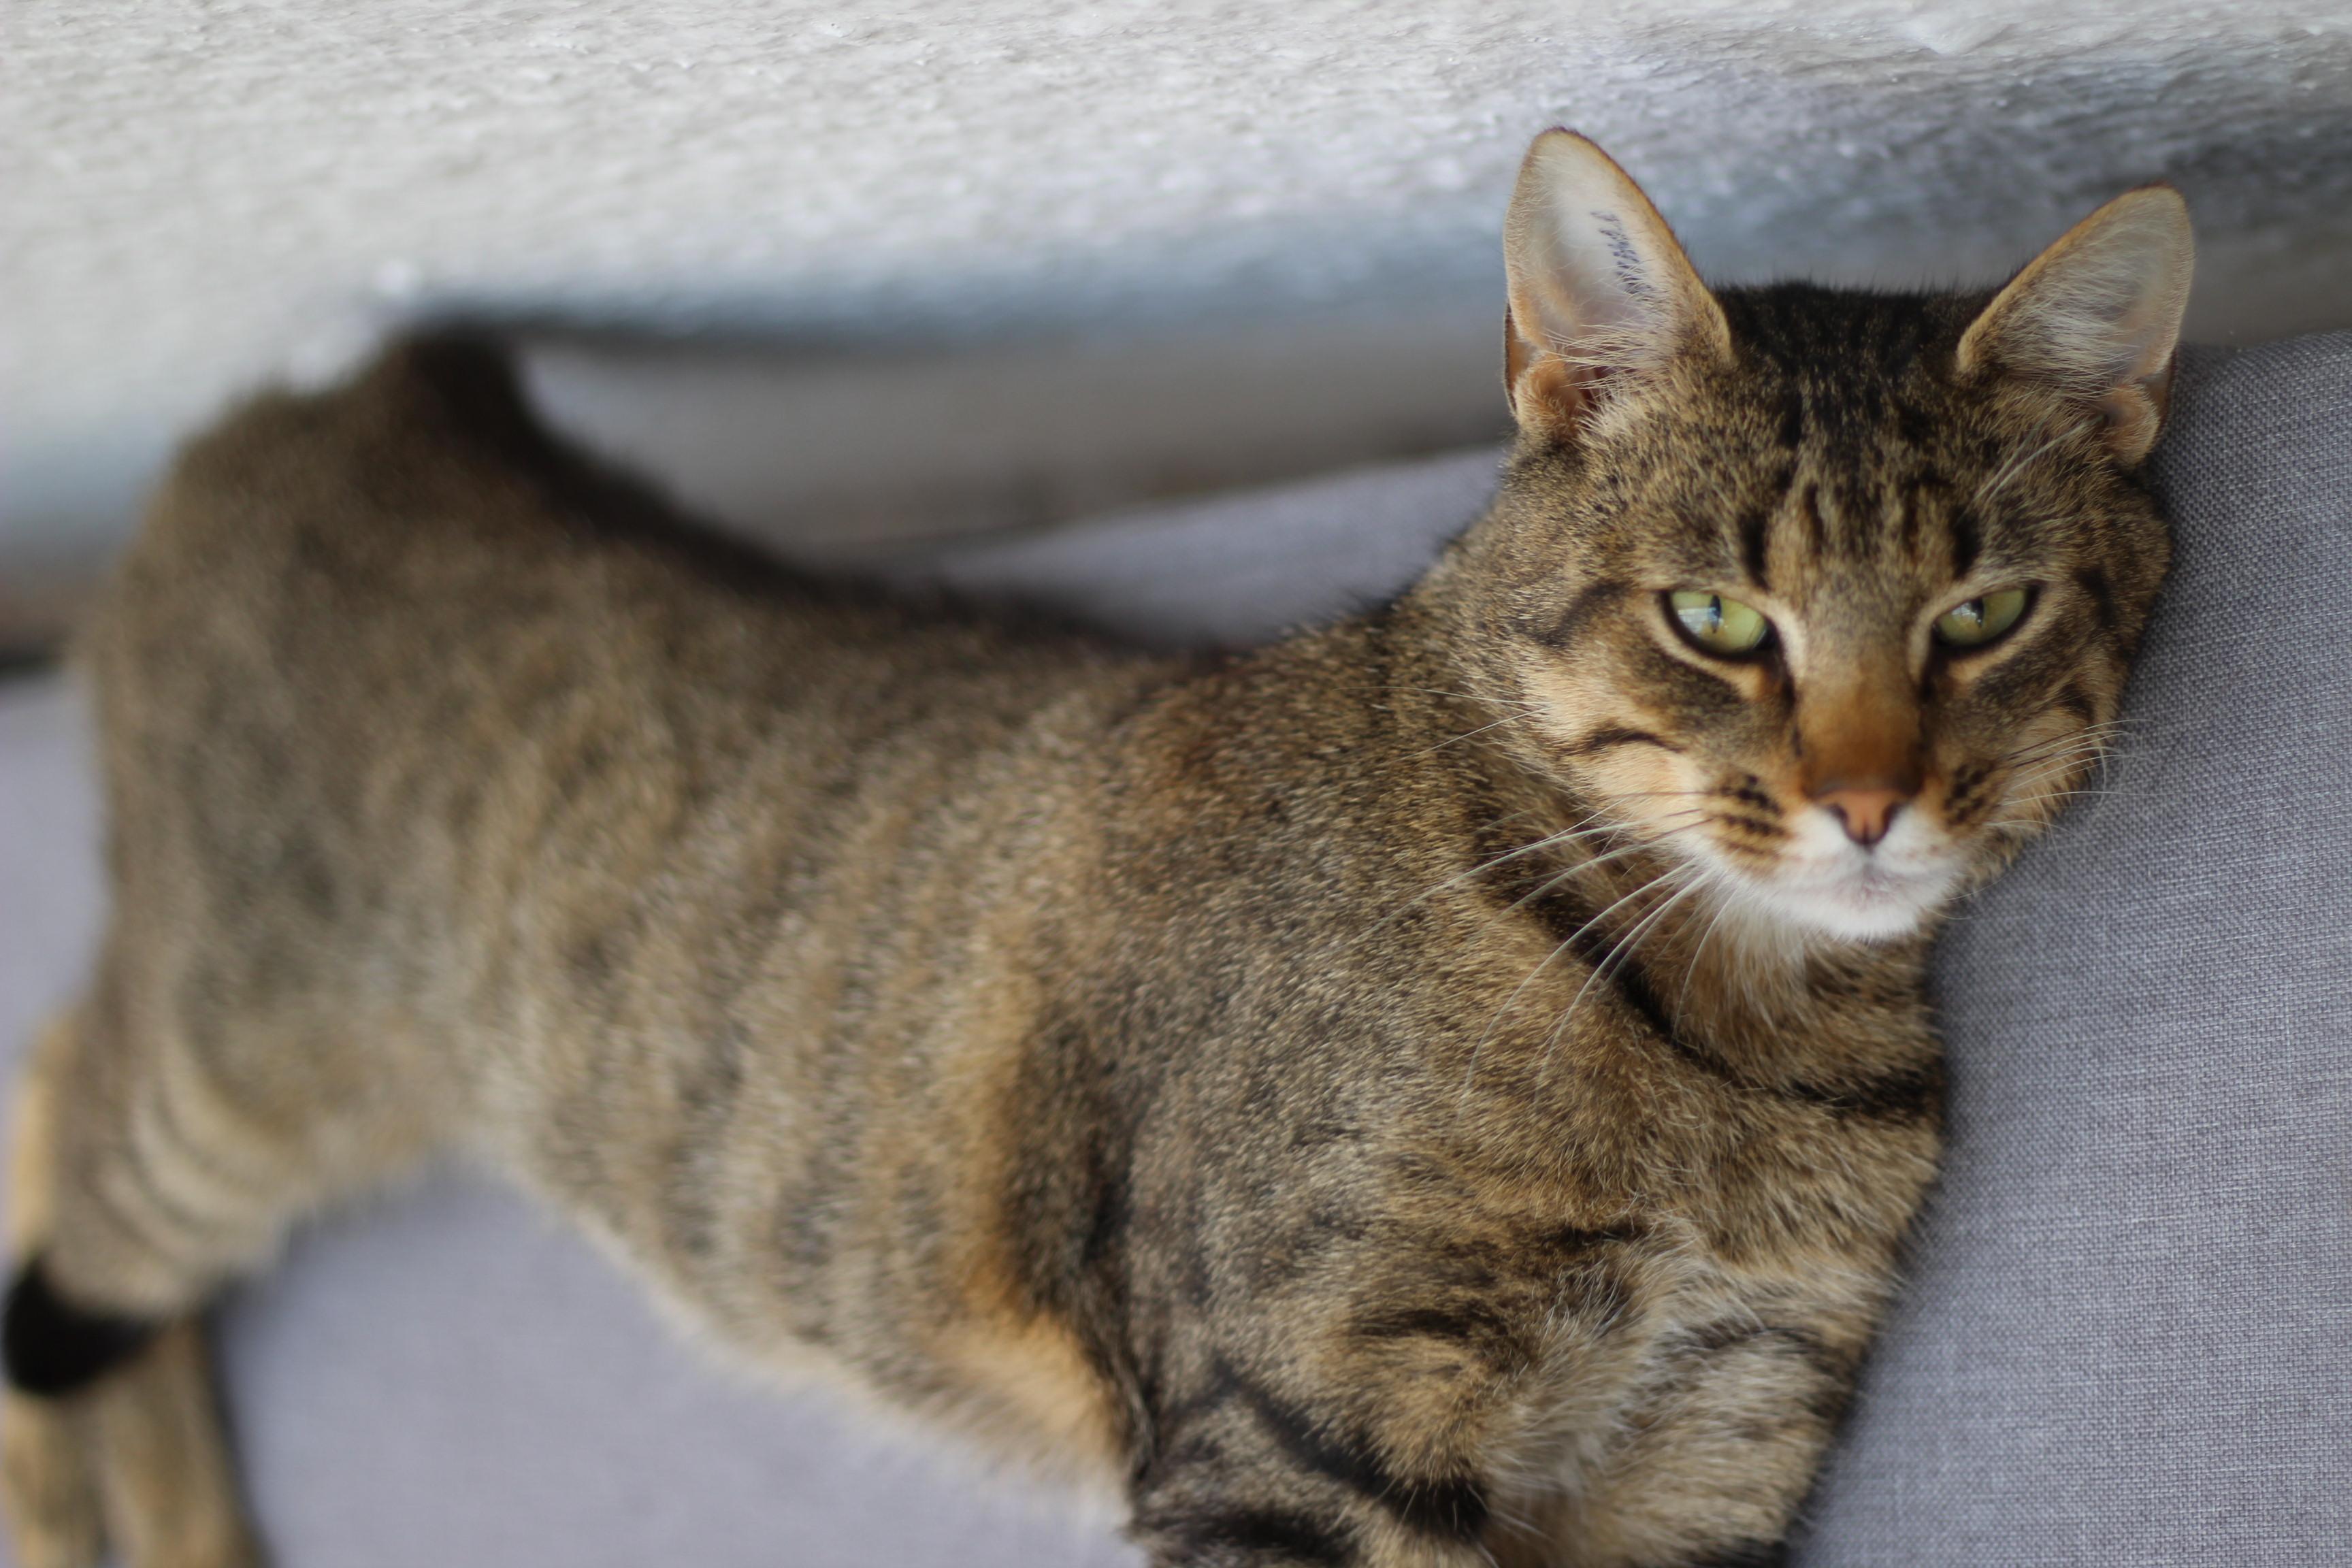 SpecialNeed kat - pris 500 kr - lækreste og kælne kat - bliver let overgearet og kan nappe - han vil passe perfekt ind på et landbrug som arbejdskat - skal være eneste kat da han kan tæve de andre